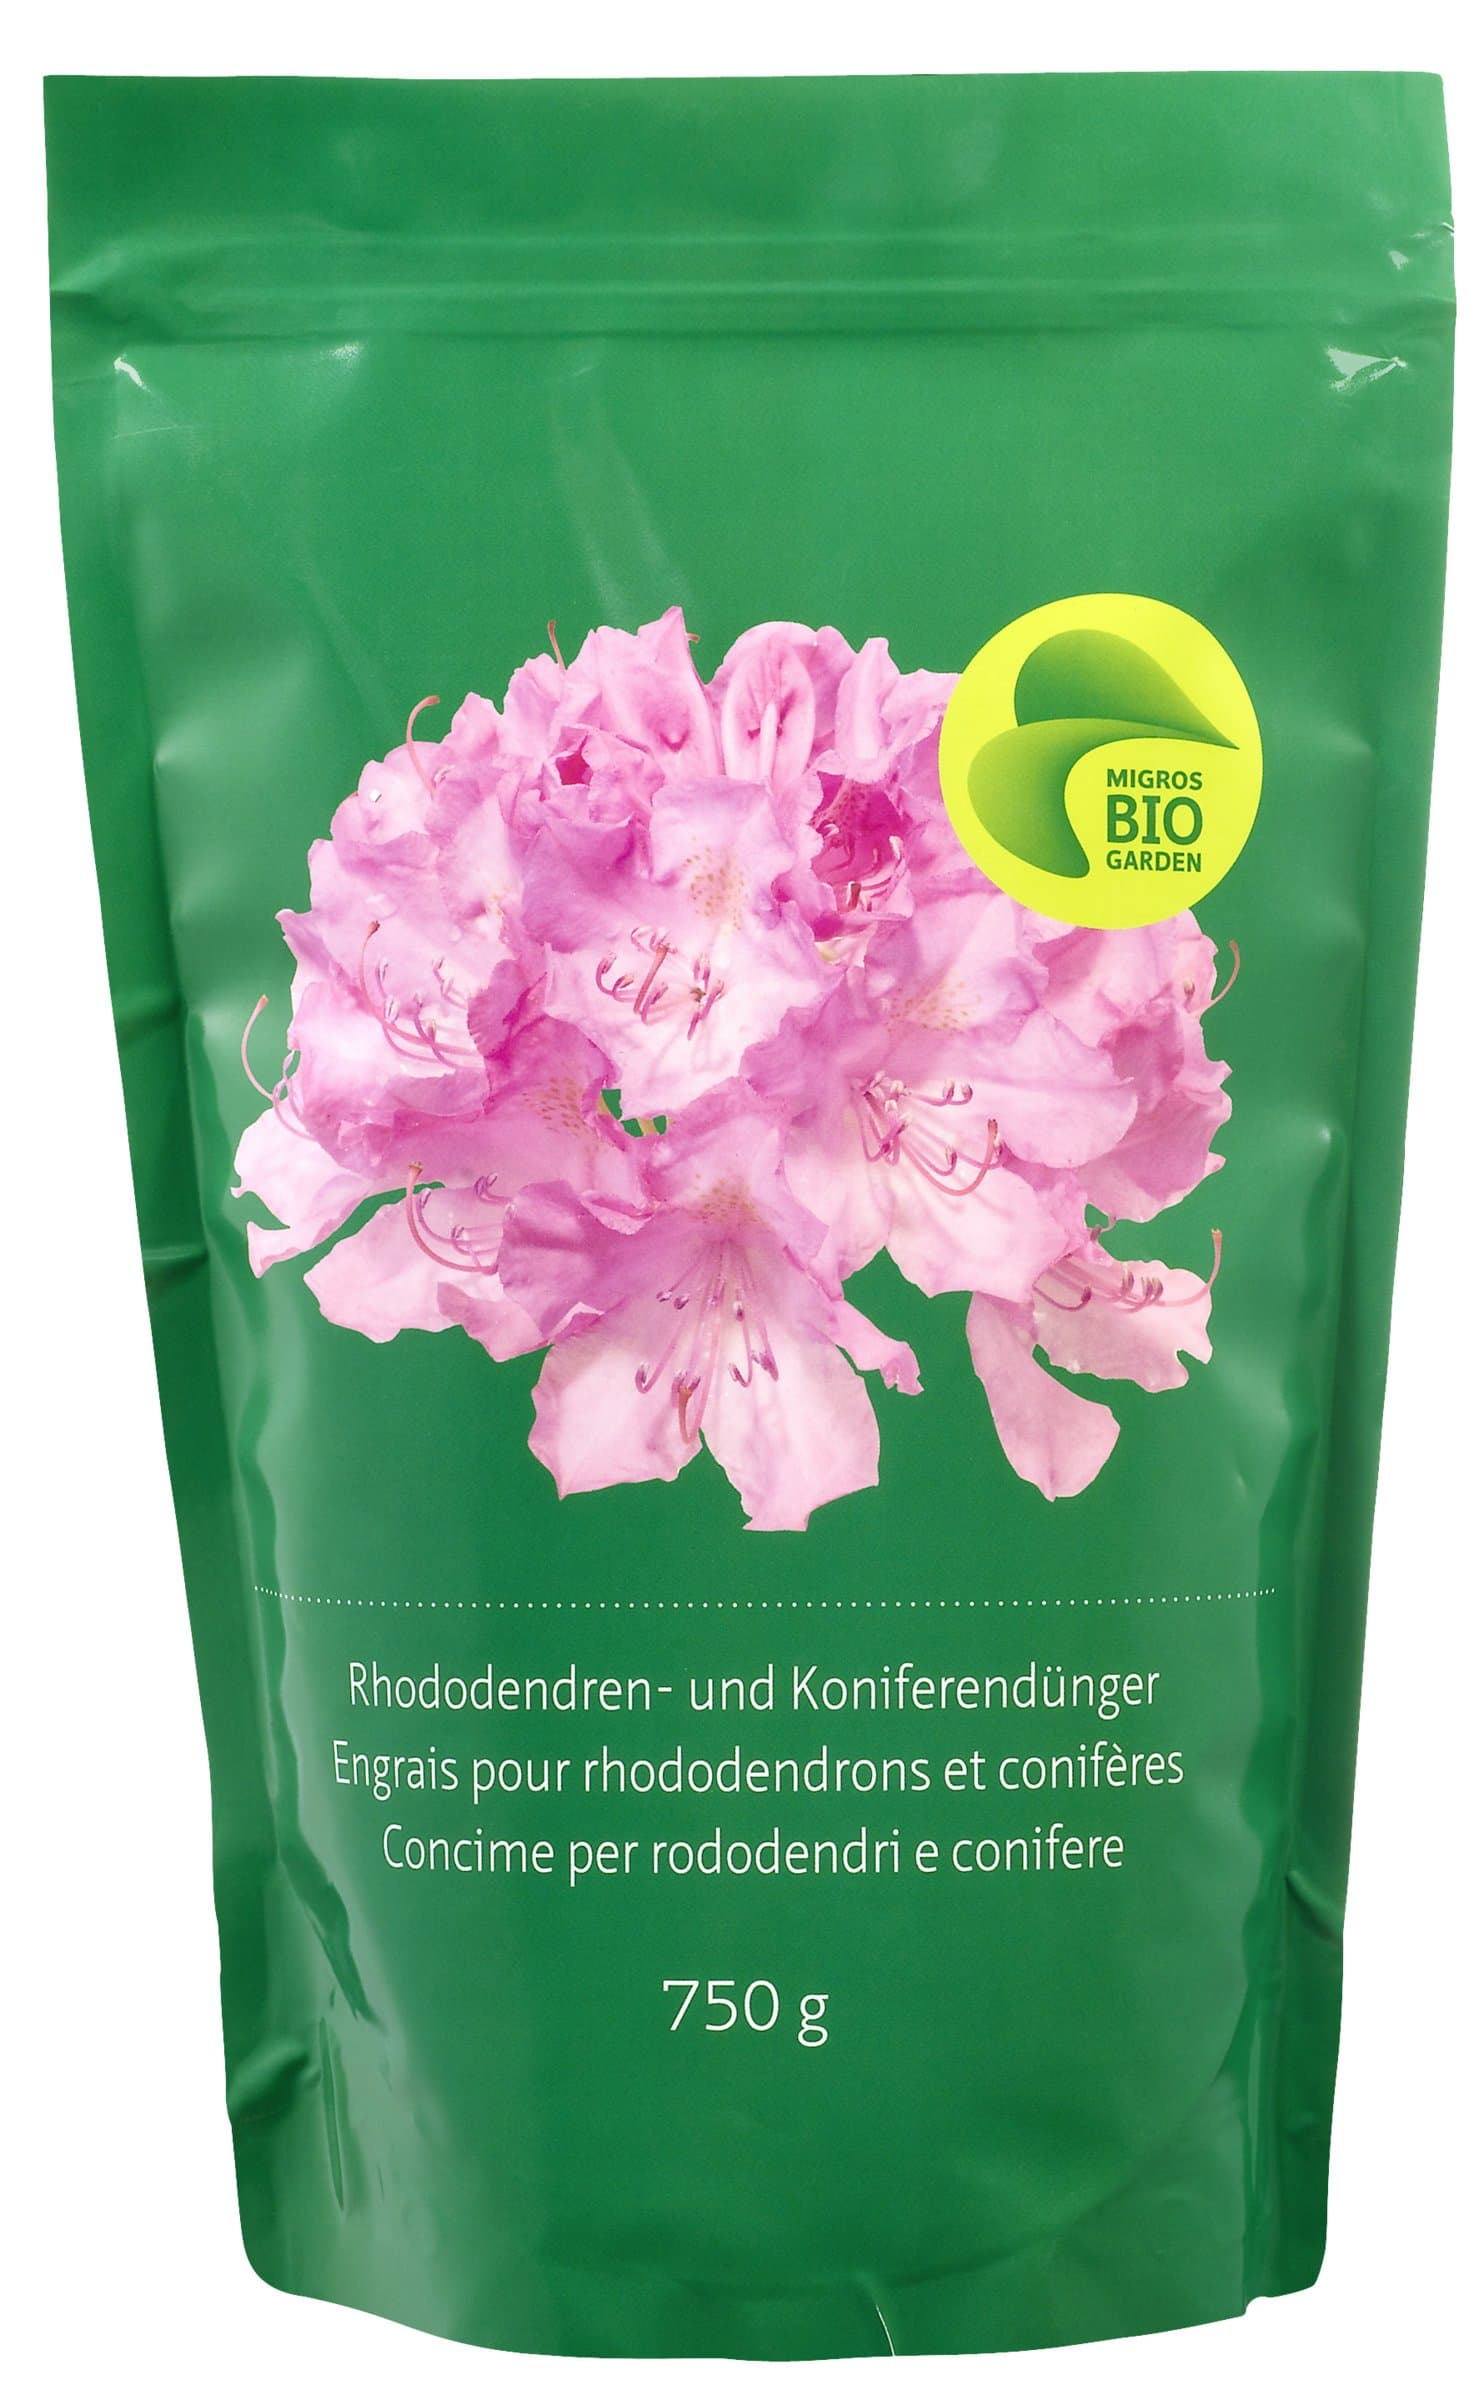 migros-bio garden engrais pour rhododendrons et coniféres | migros